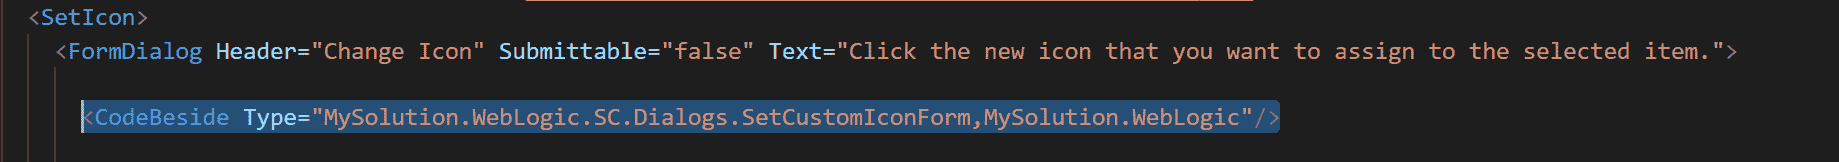 Sitecore Custom Icons Code Beside